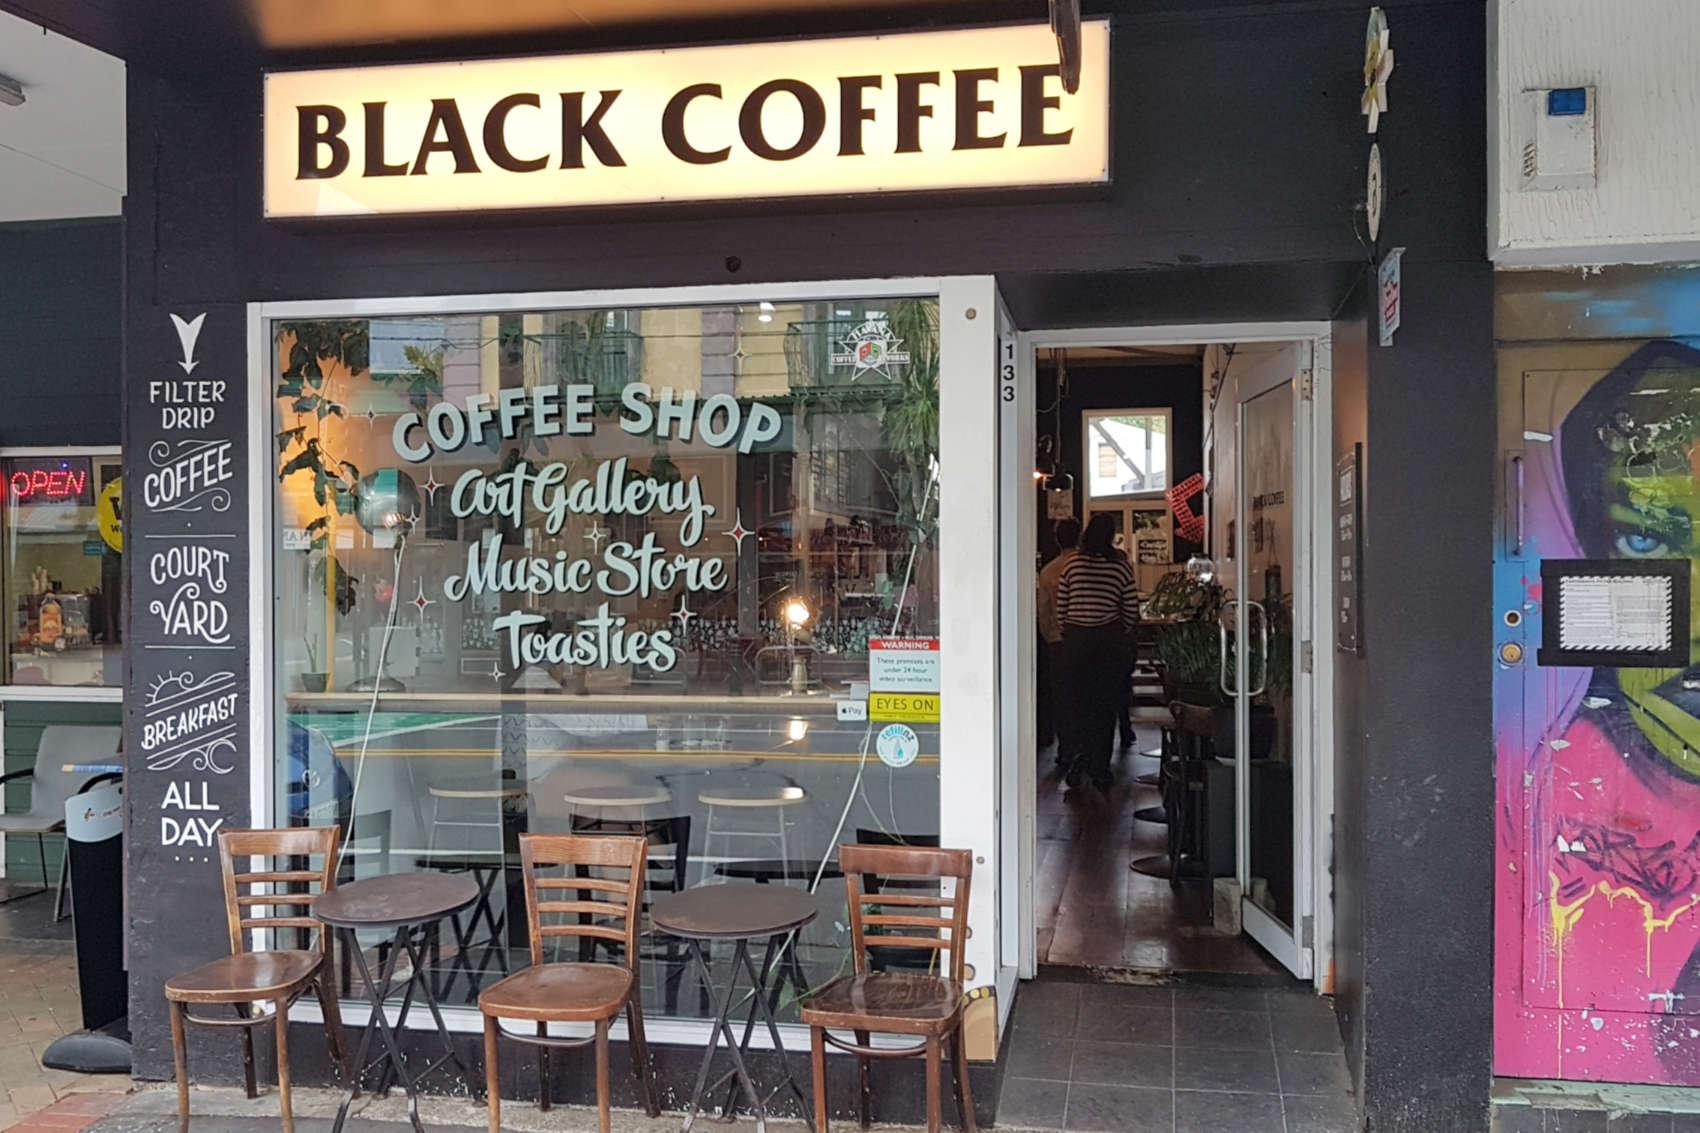 Black Coffee exterior